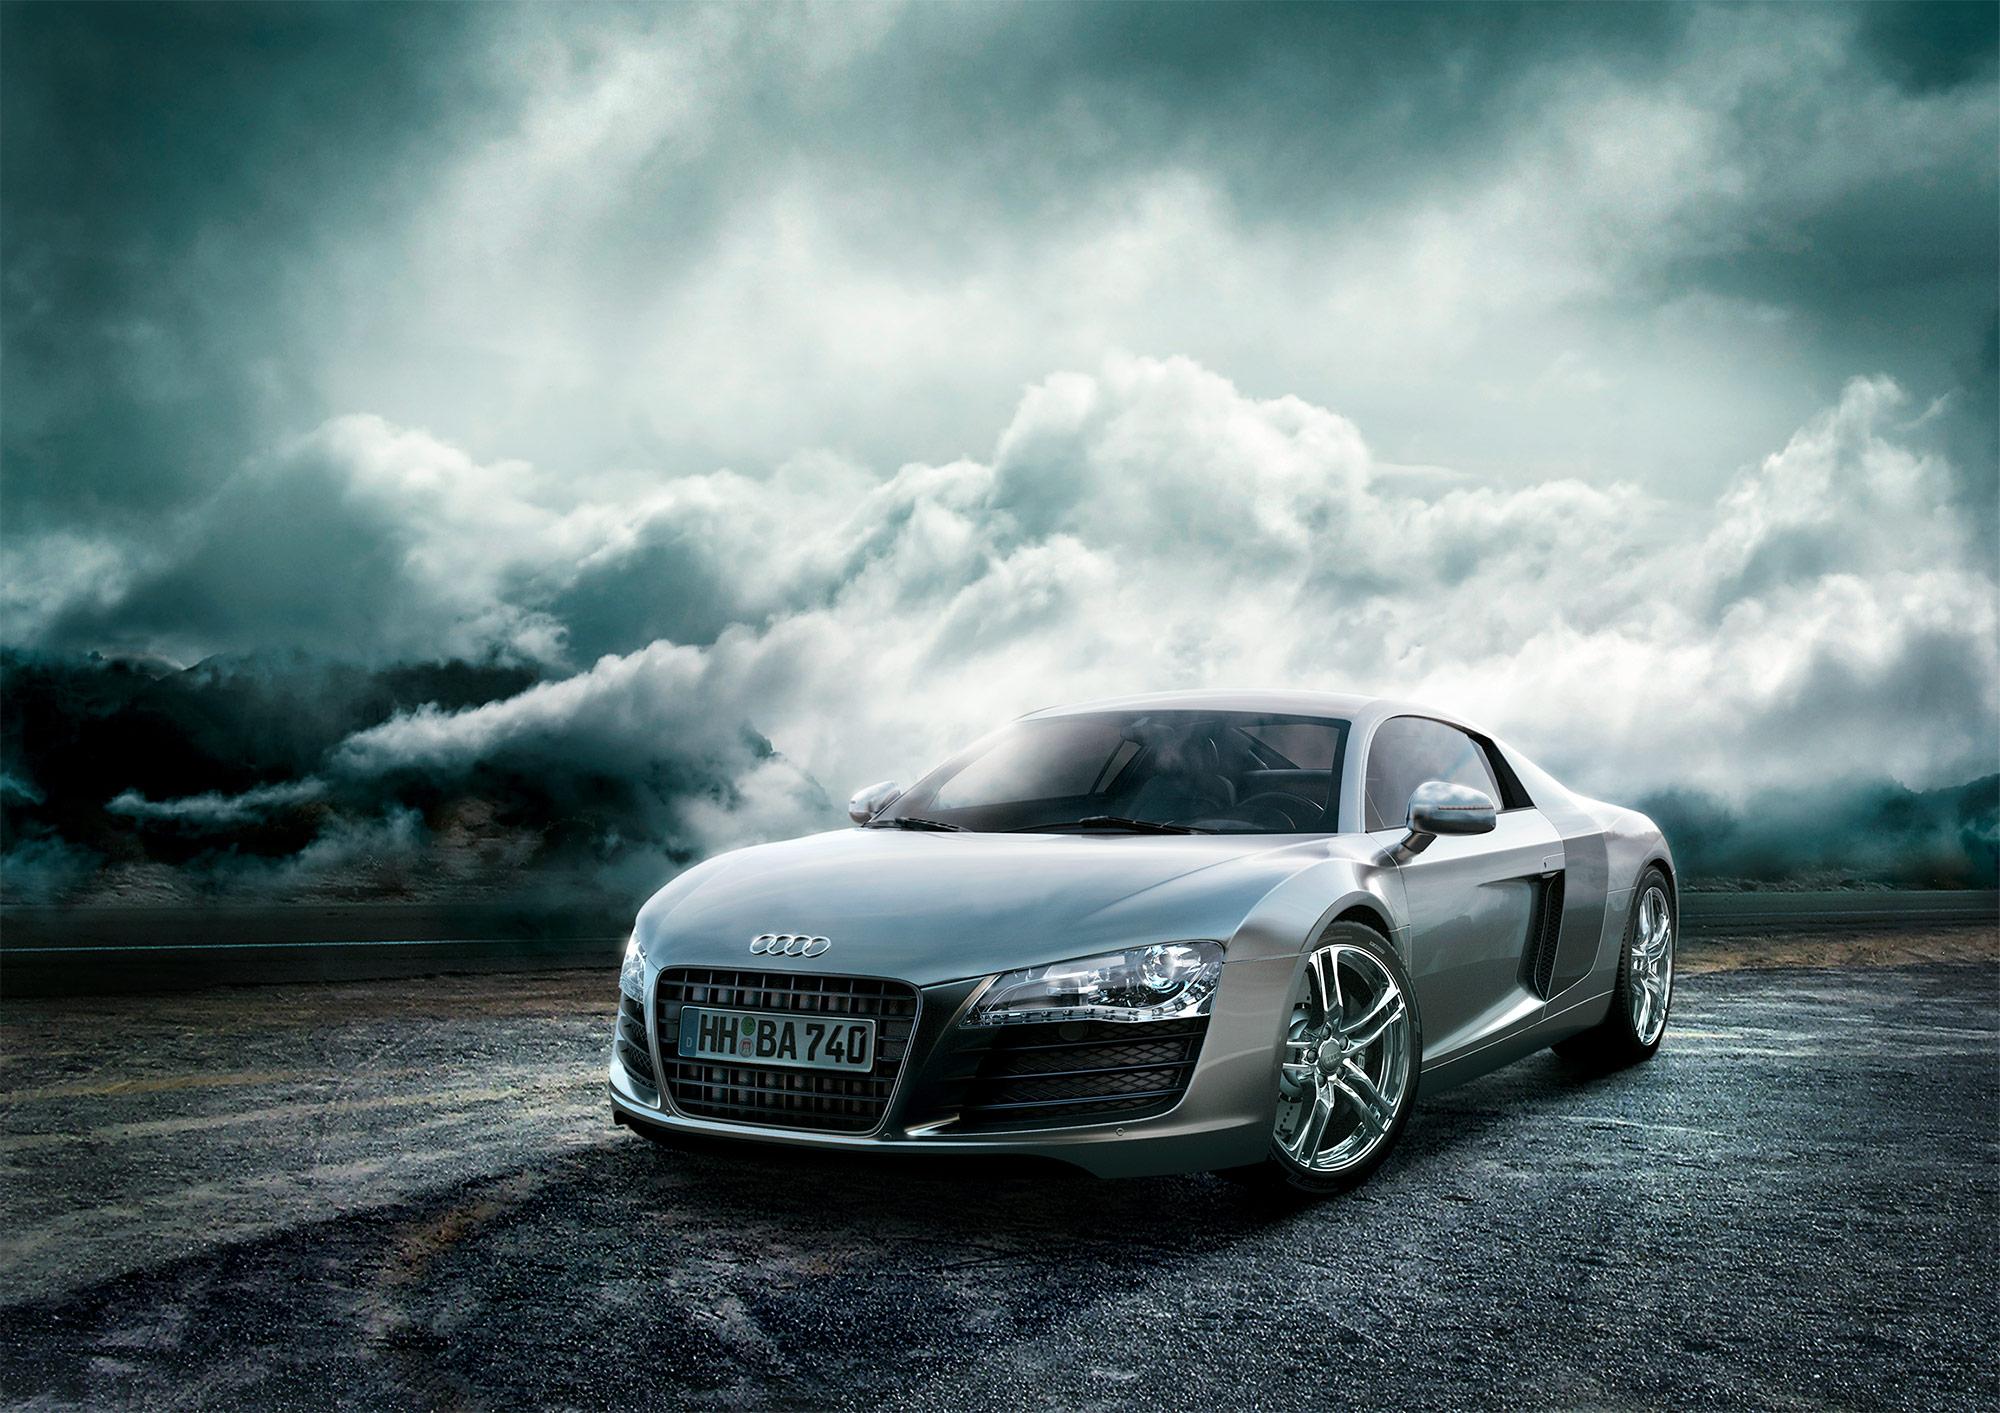 CGI Rendering 3d Audi R8 Auto Landschaft Wolken HDRI Backplate Sphere Idris Kolodziej